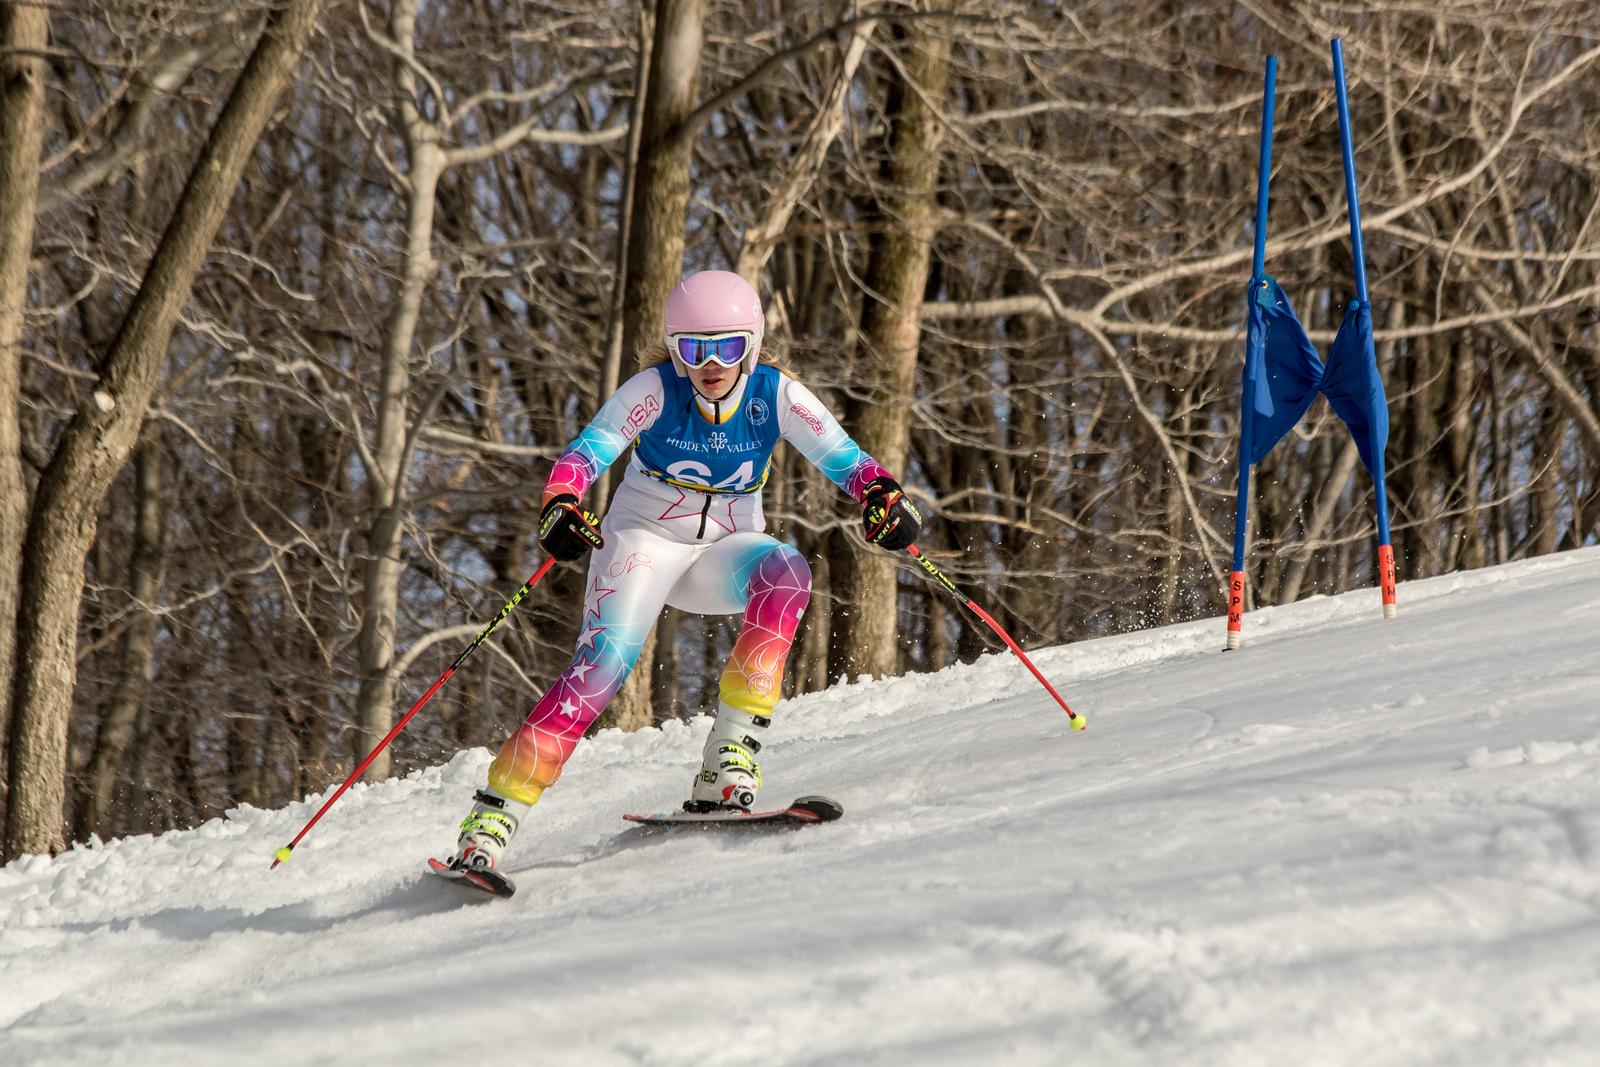 Erin Drahnak No.64 (HVRC) Open cup race 3 at Hidden Valley